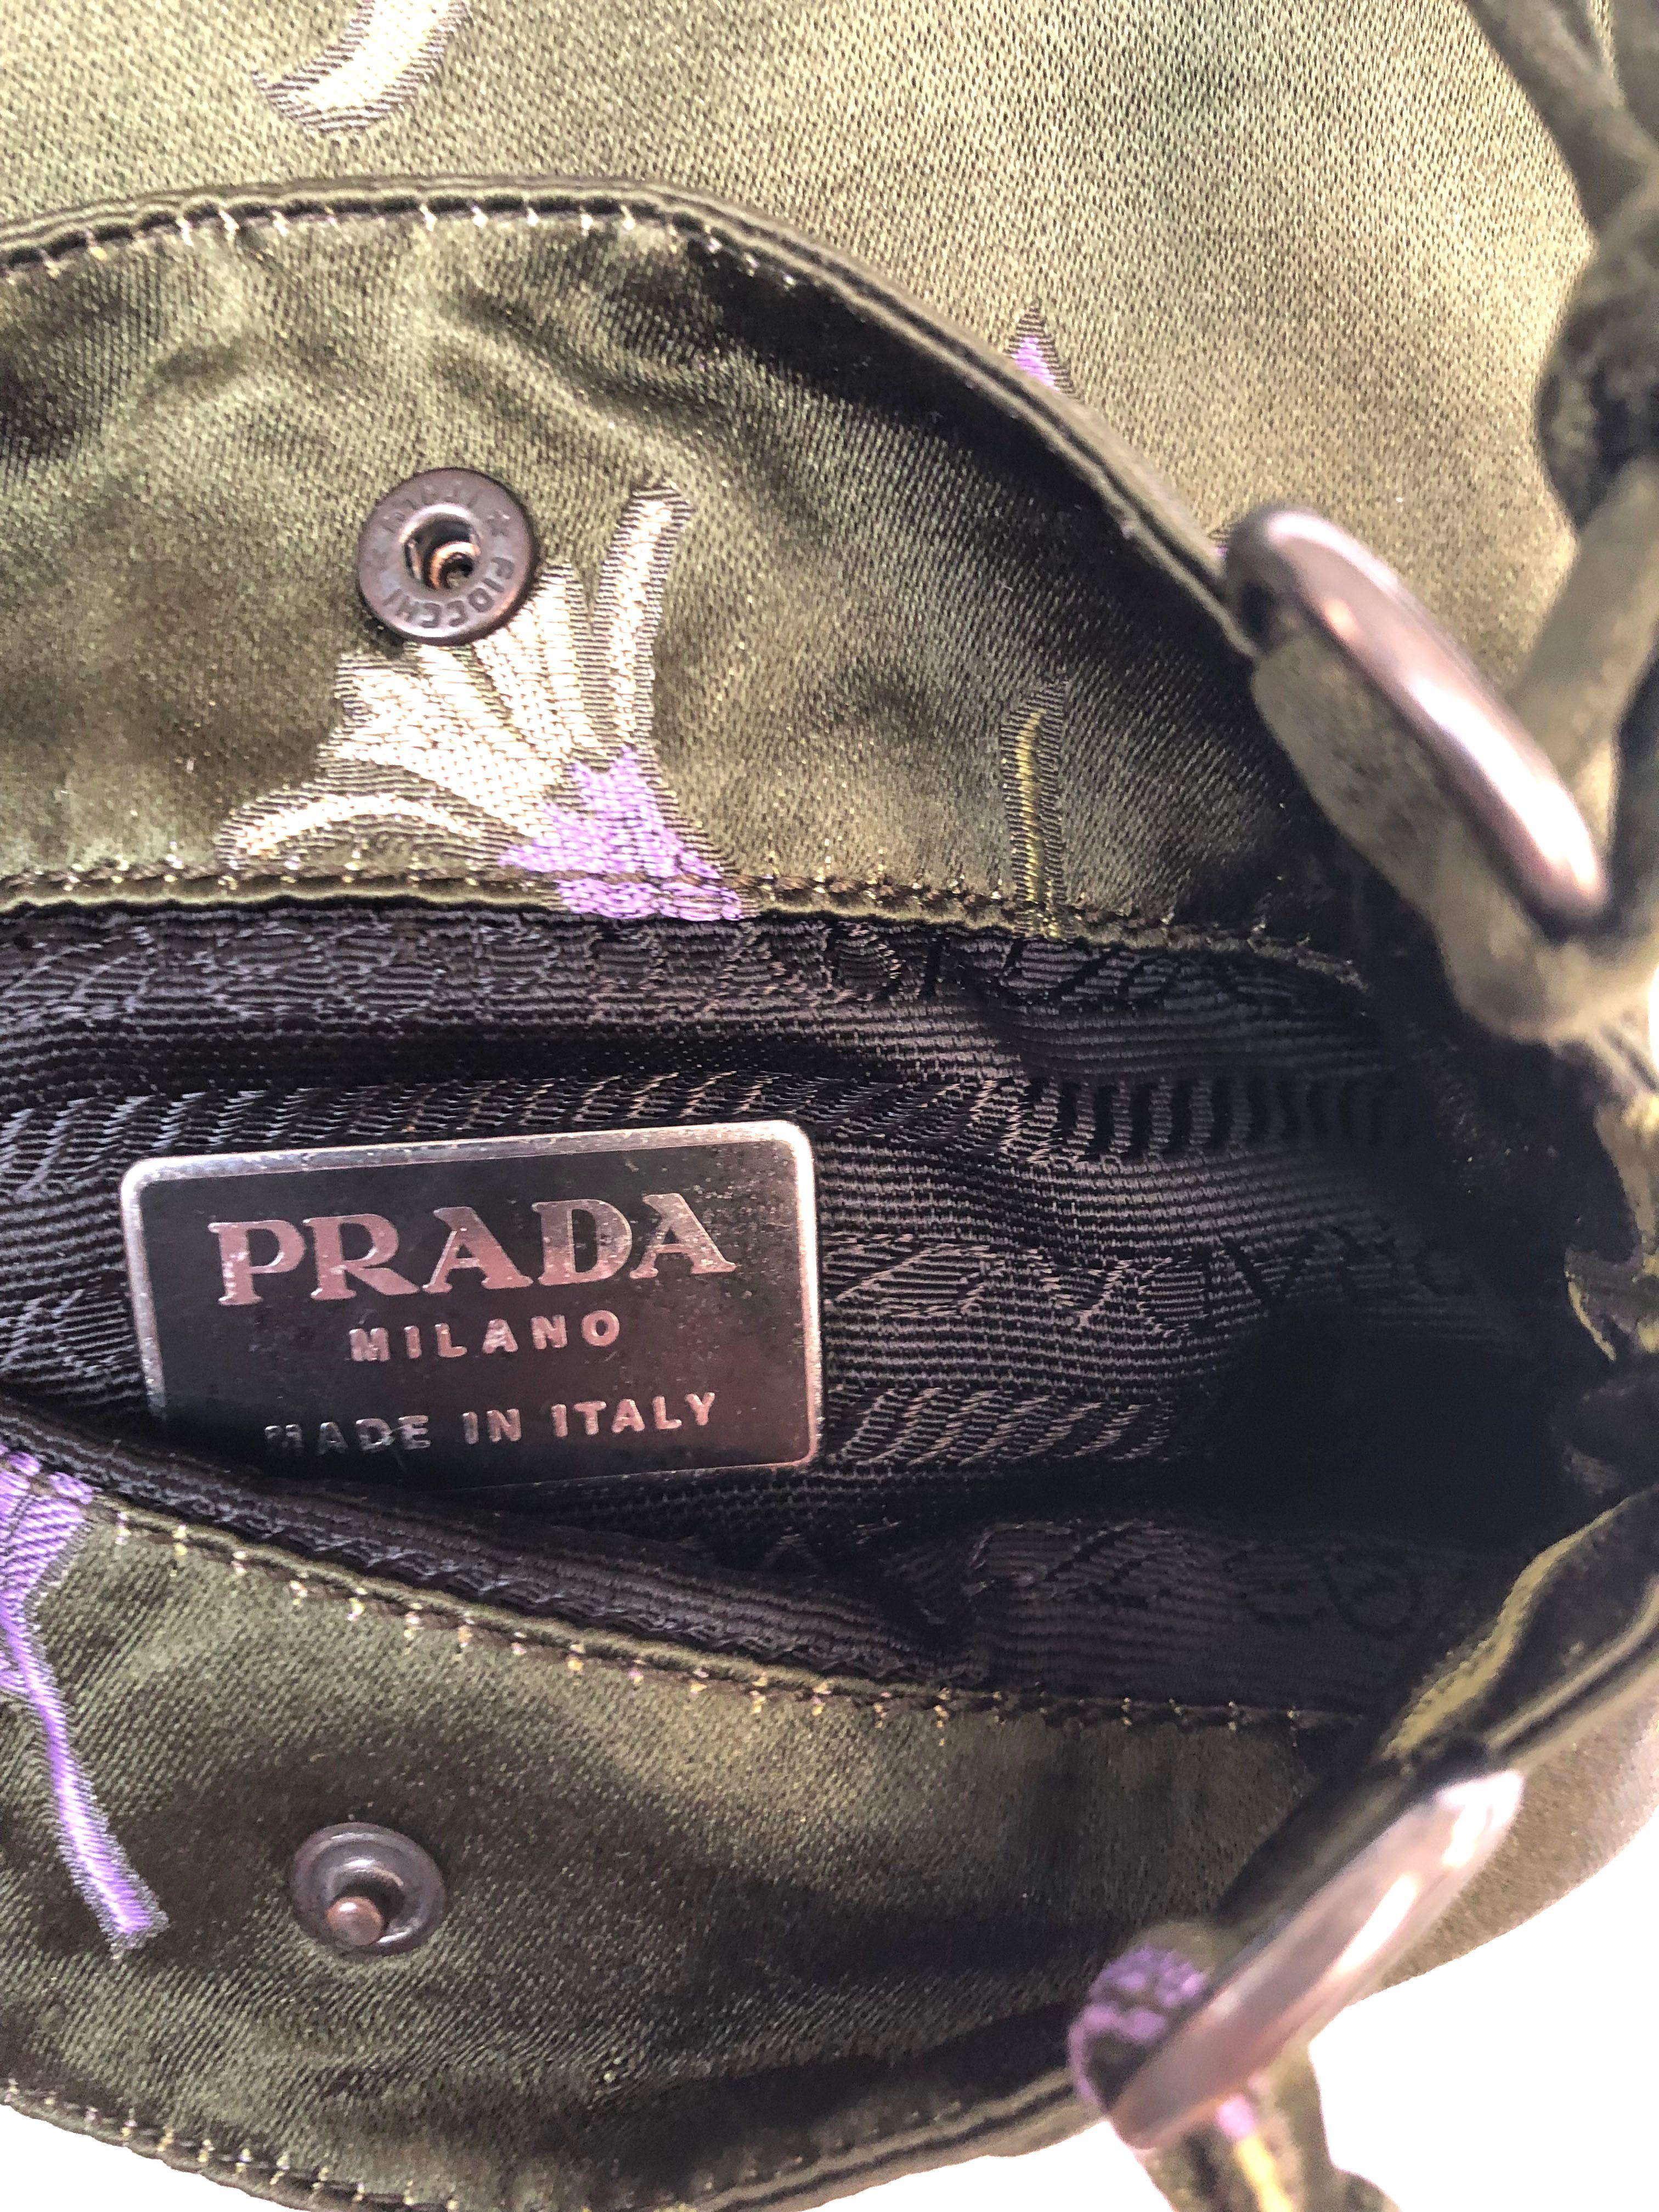 Sacs - Sac Prada